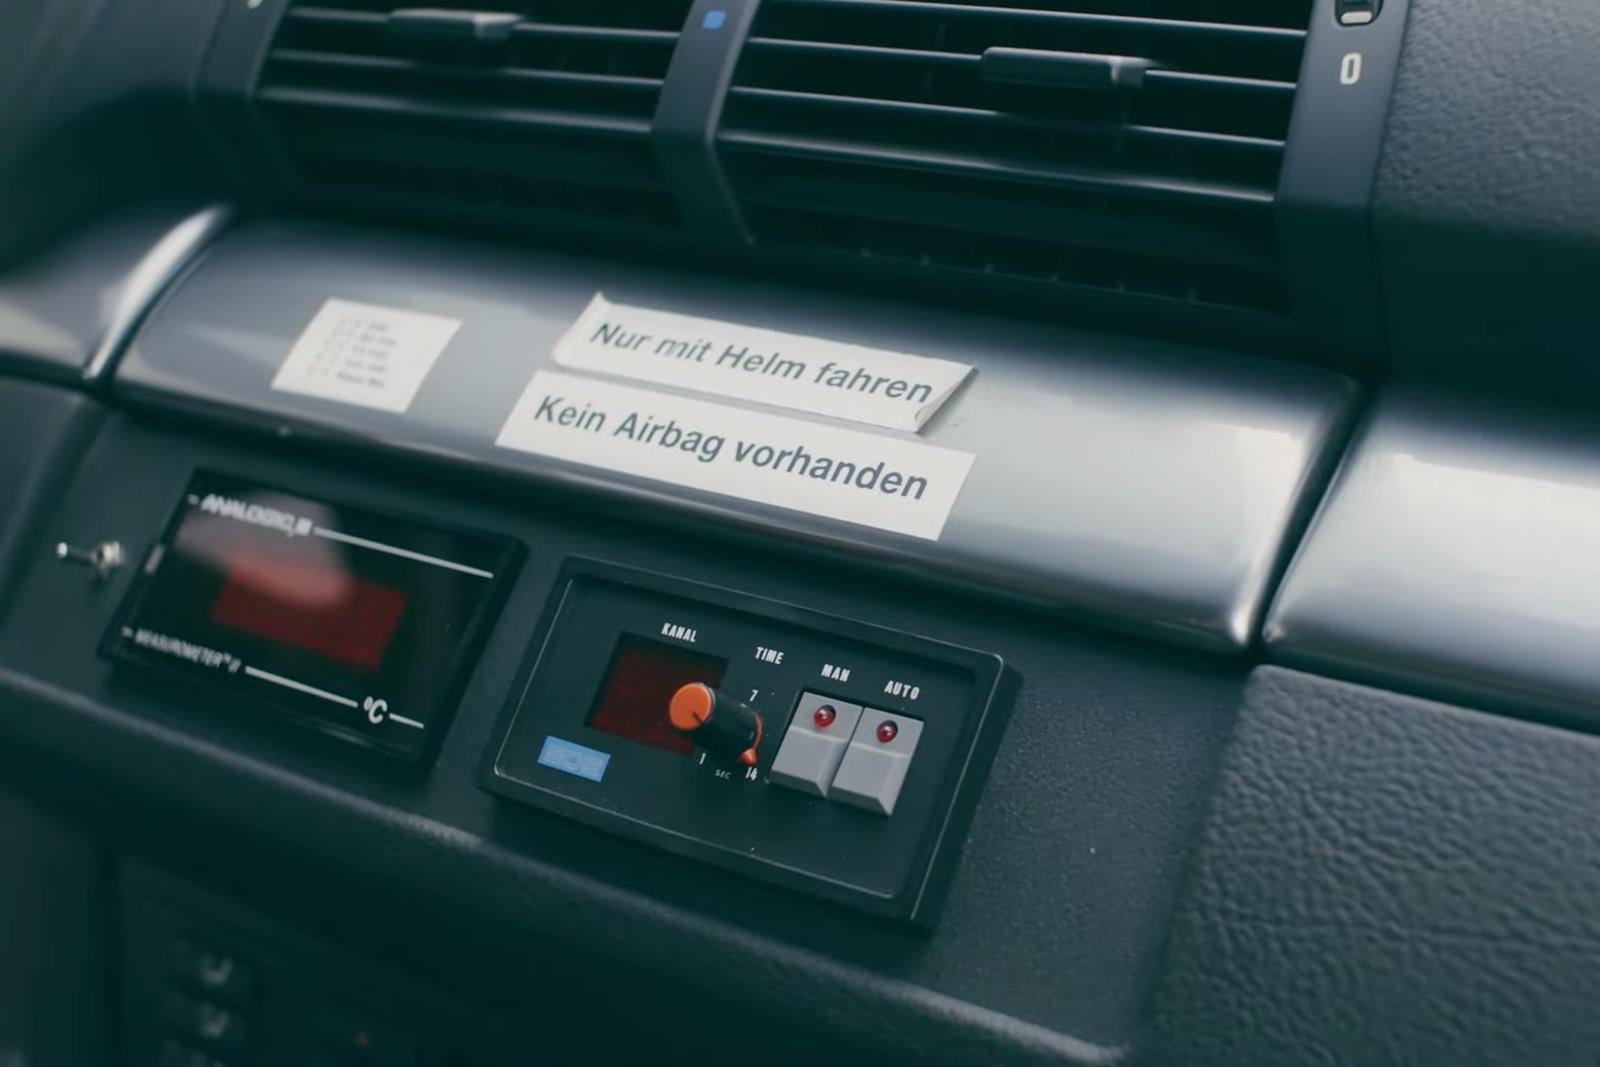 Вы наверняка слышали о многих из них: CSL Batmobile, M1 Procar и, конечно же, всевозможные M3. Но знаете ли вы, что BMW построил уникальный внедорожник X5 с 6,0-литровым двигателем V12 Le Mans мощностью 700 л.с. под капотом? Что ж, это случилось, и э